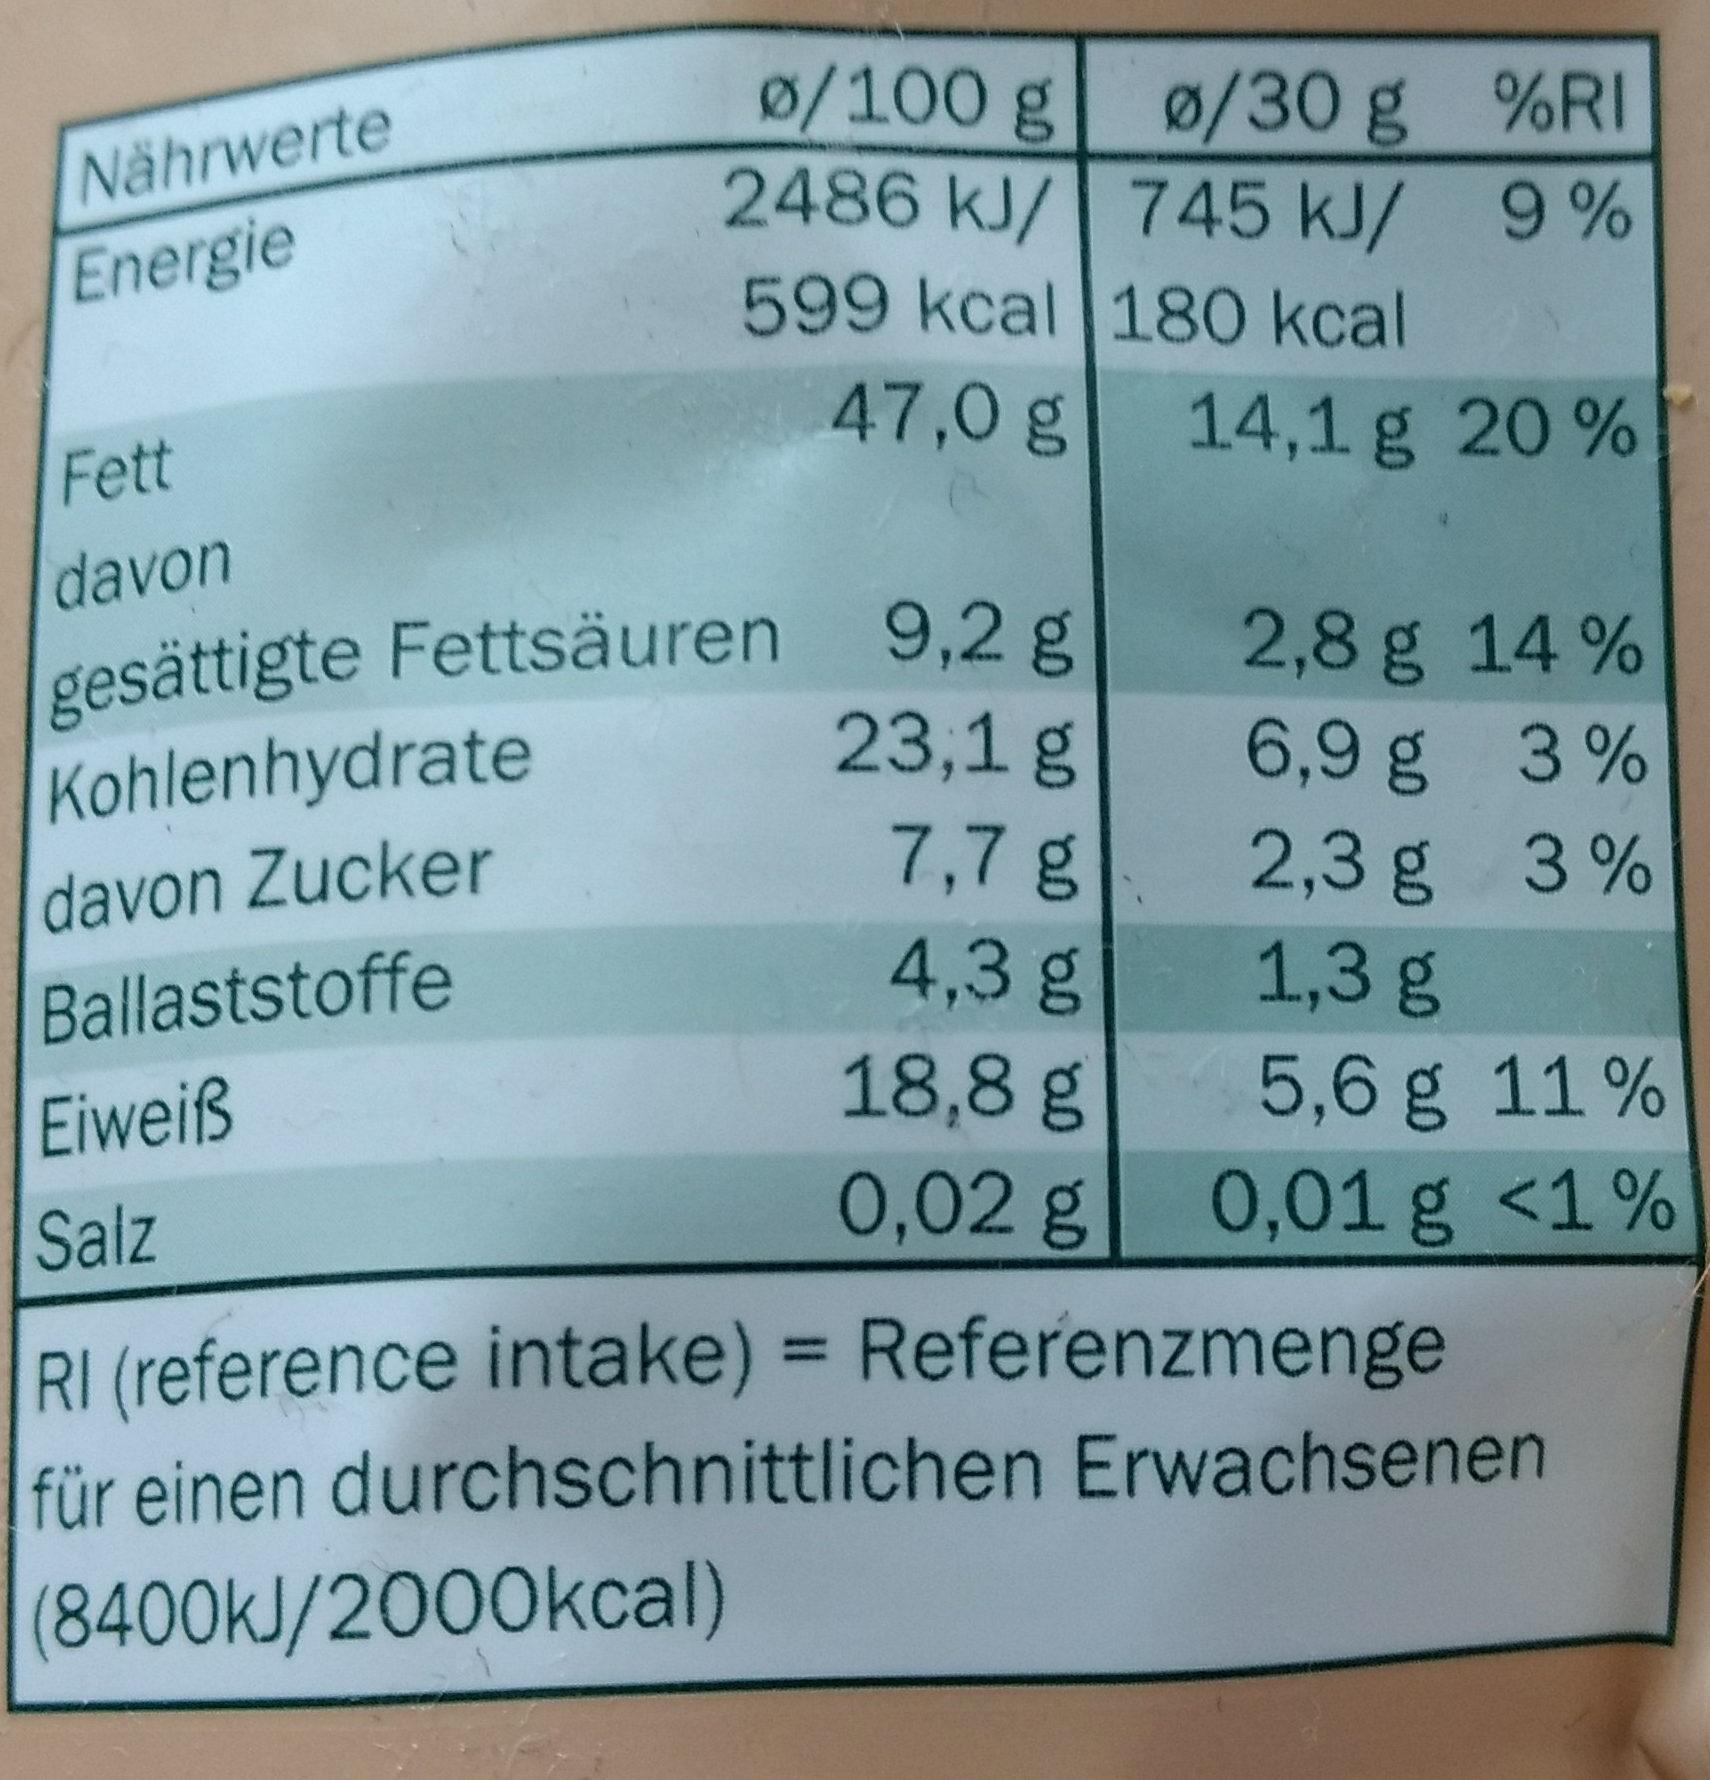 Cashewkern naturbelassen - Nutrition facts